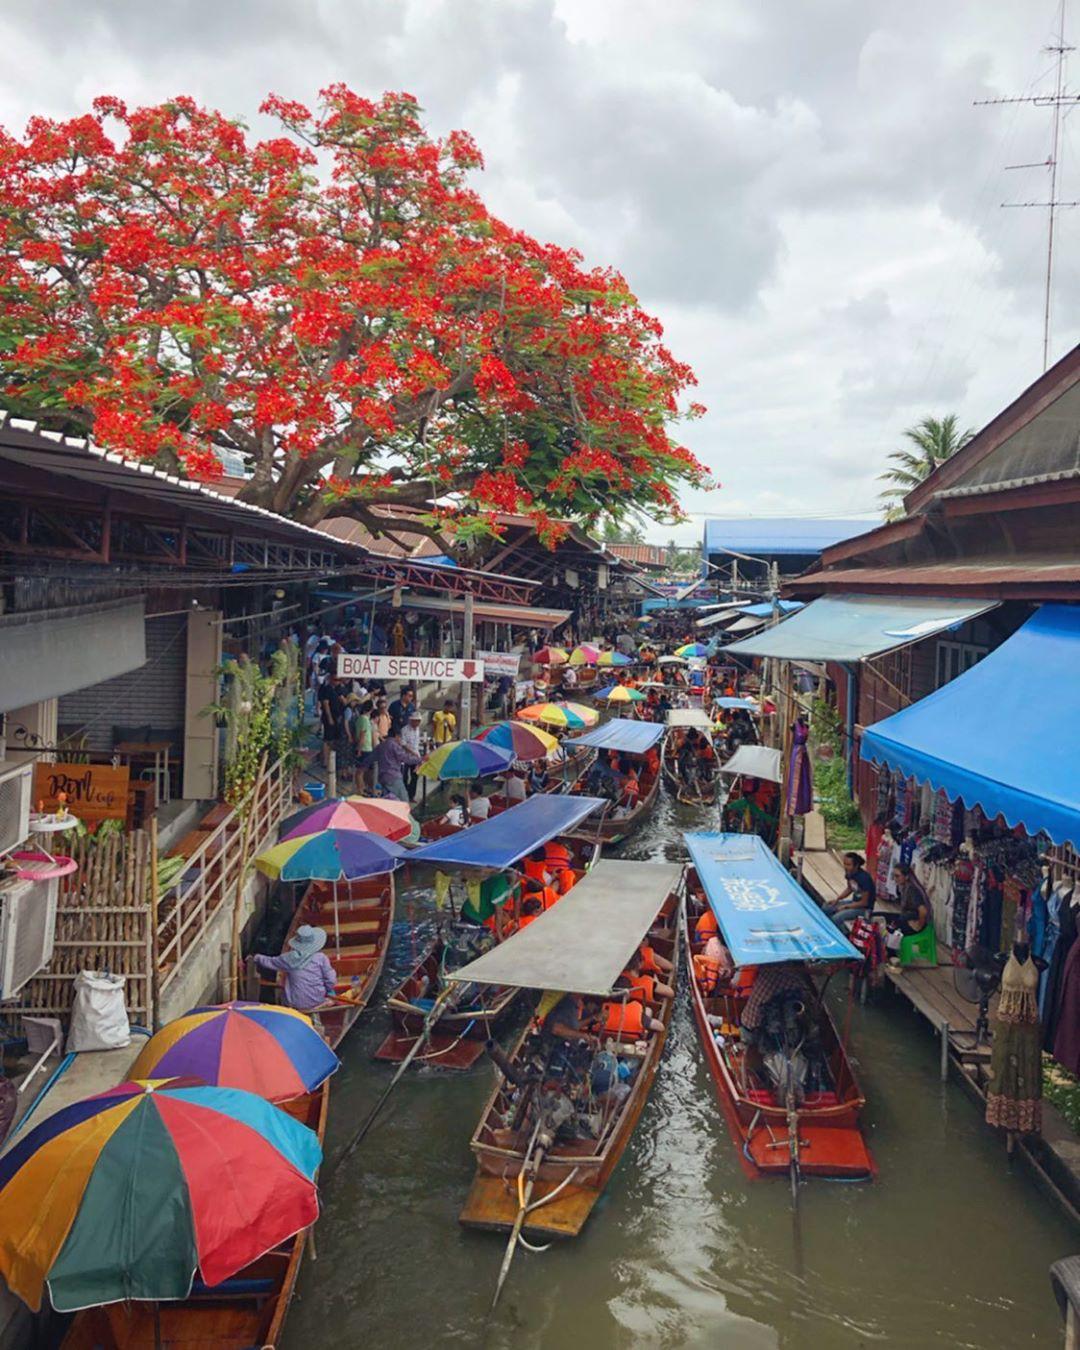 Chơi quên lối về tại những khu chợ nổi nhất định phải ghé ở Bangkok - Ảnh 2.